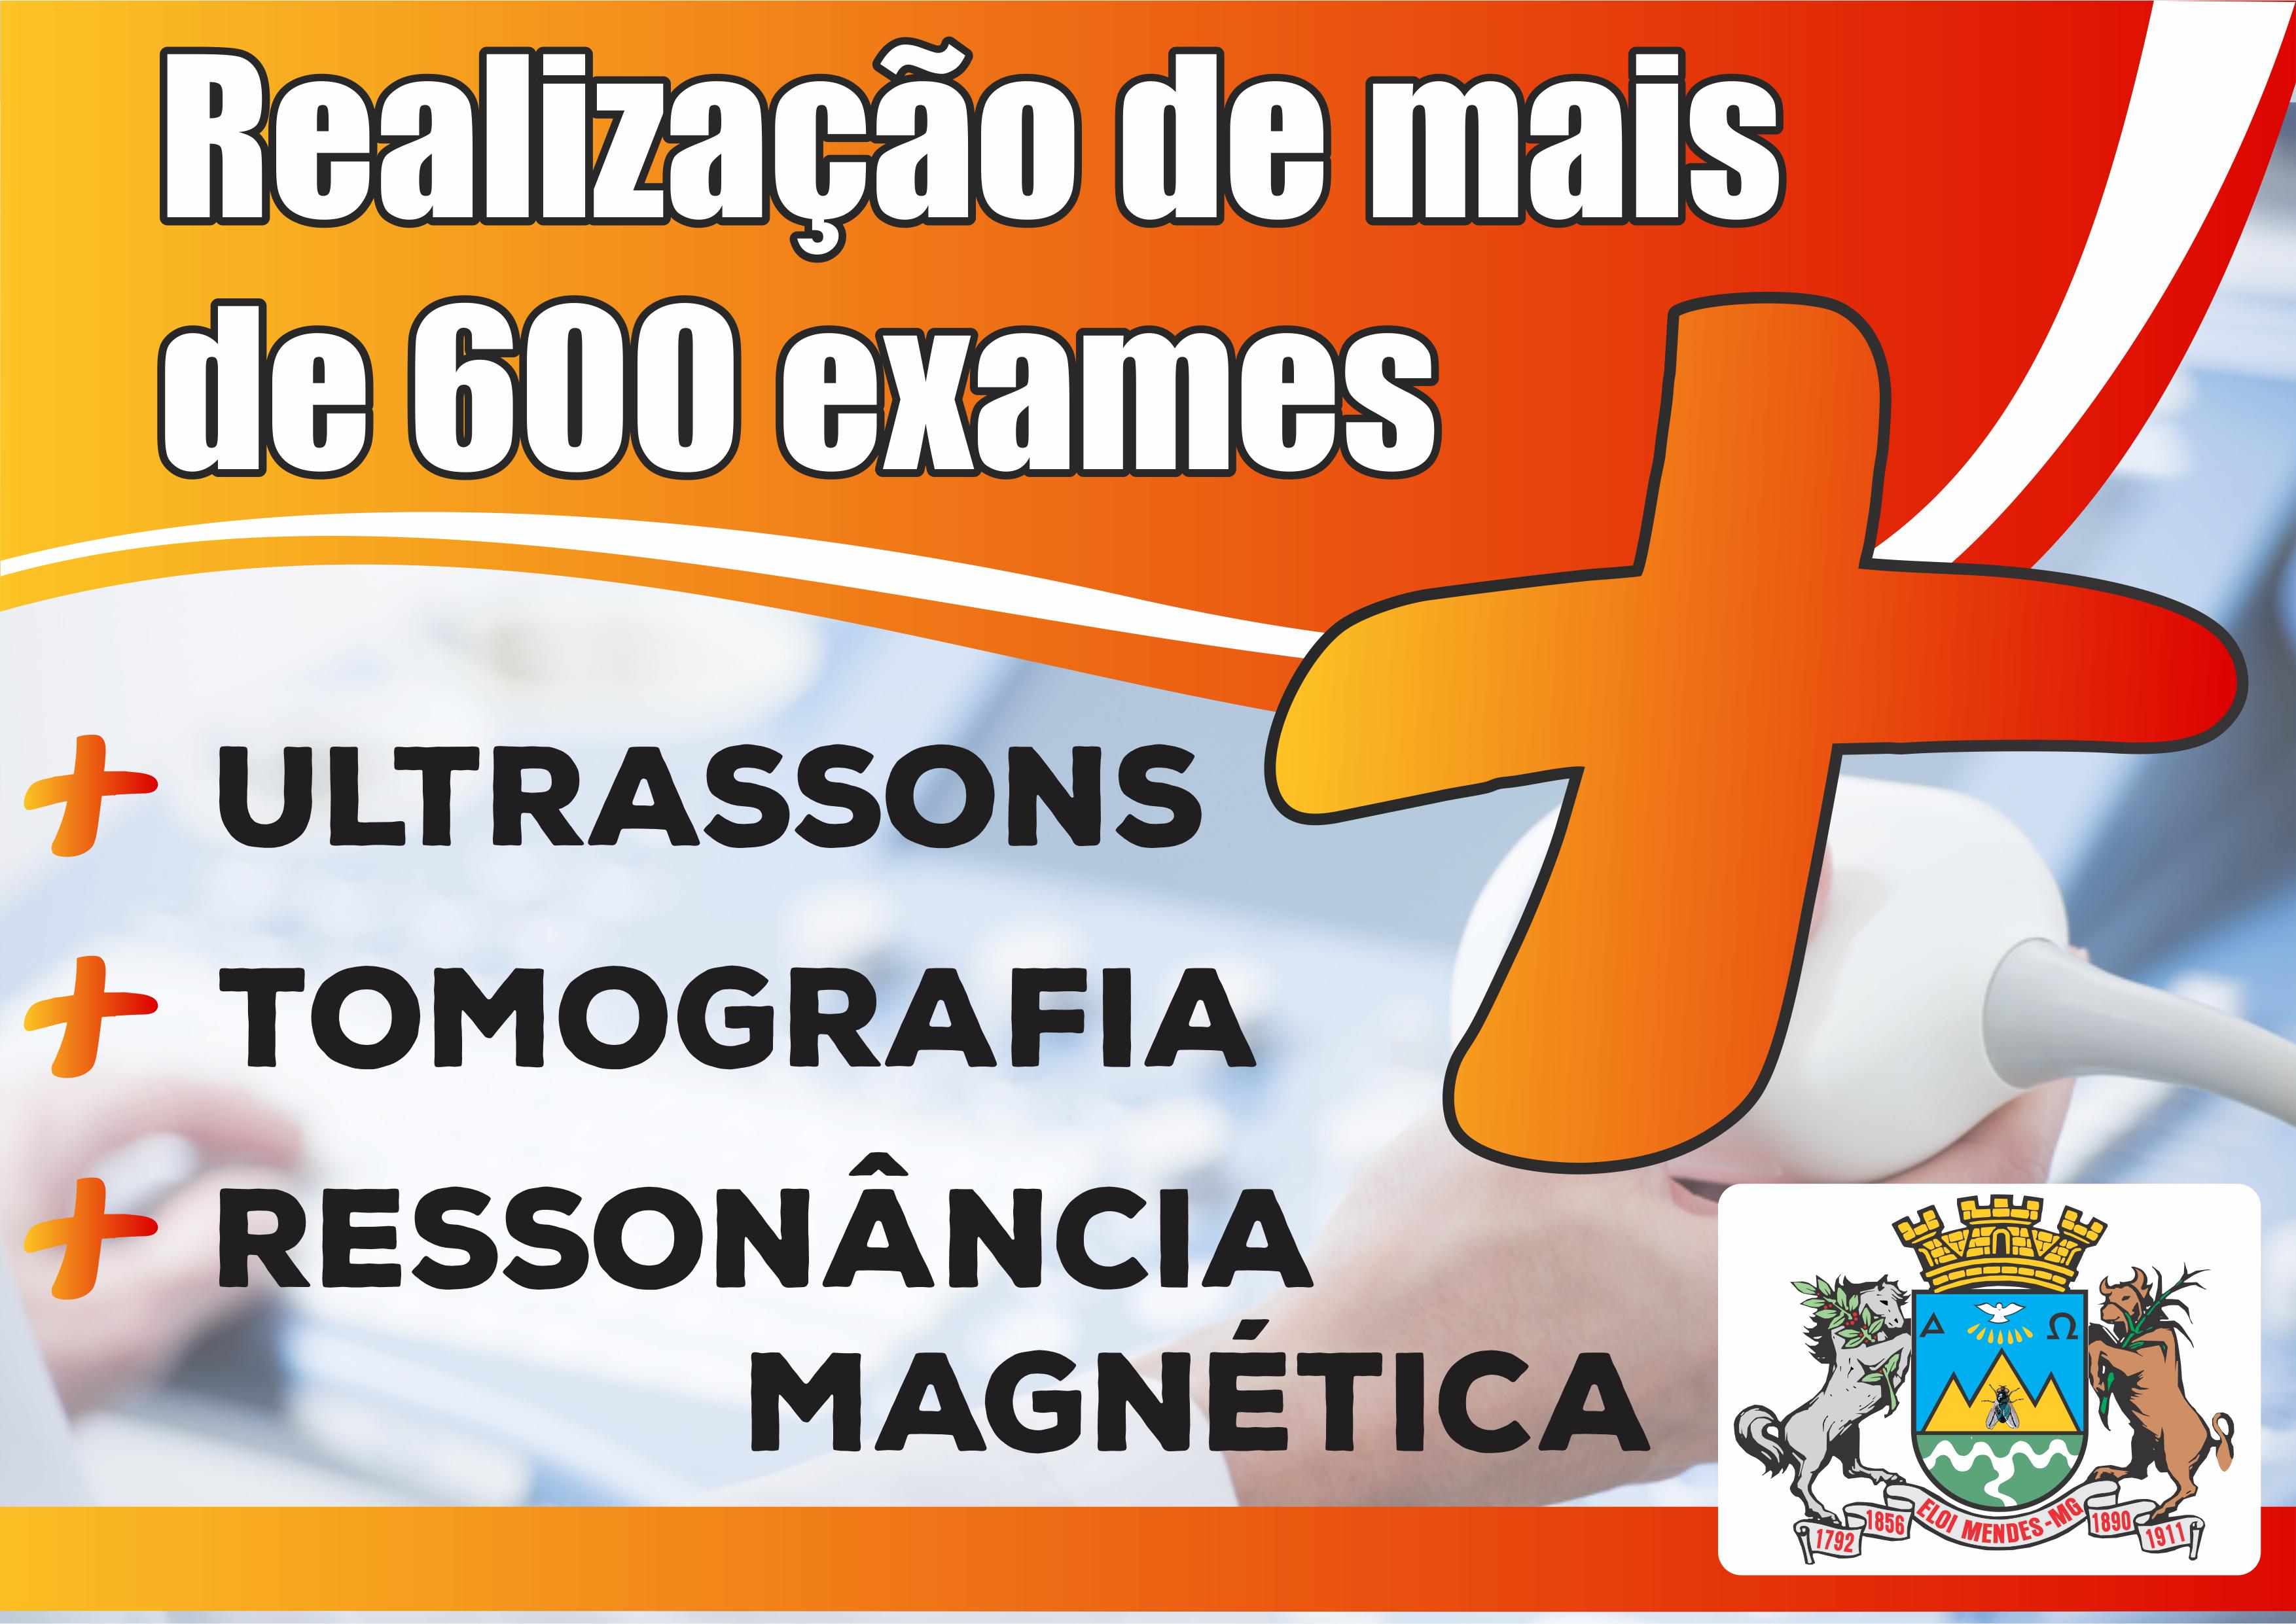 Realização de mais de 600 exames.